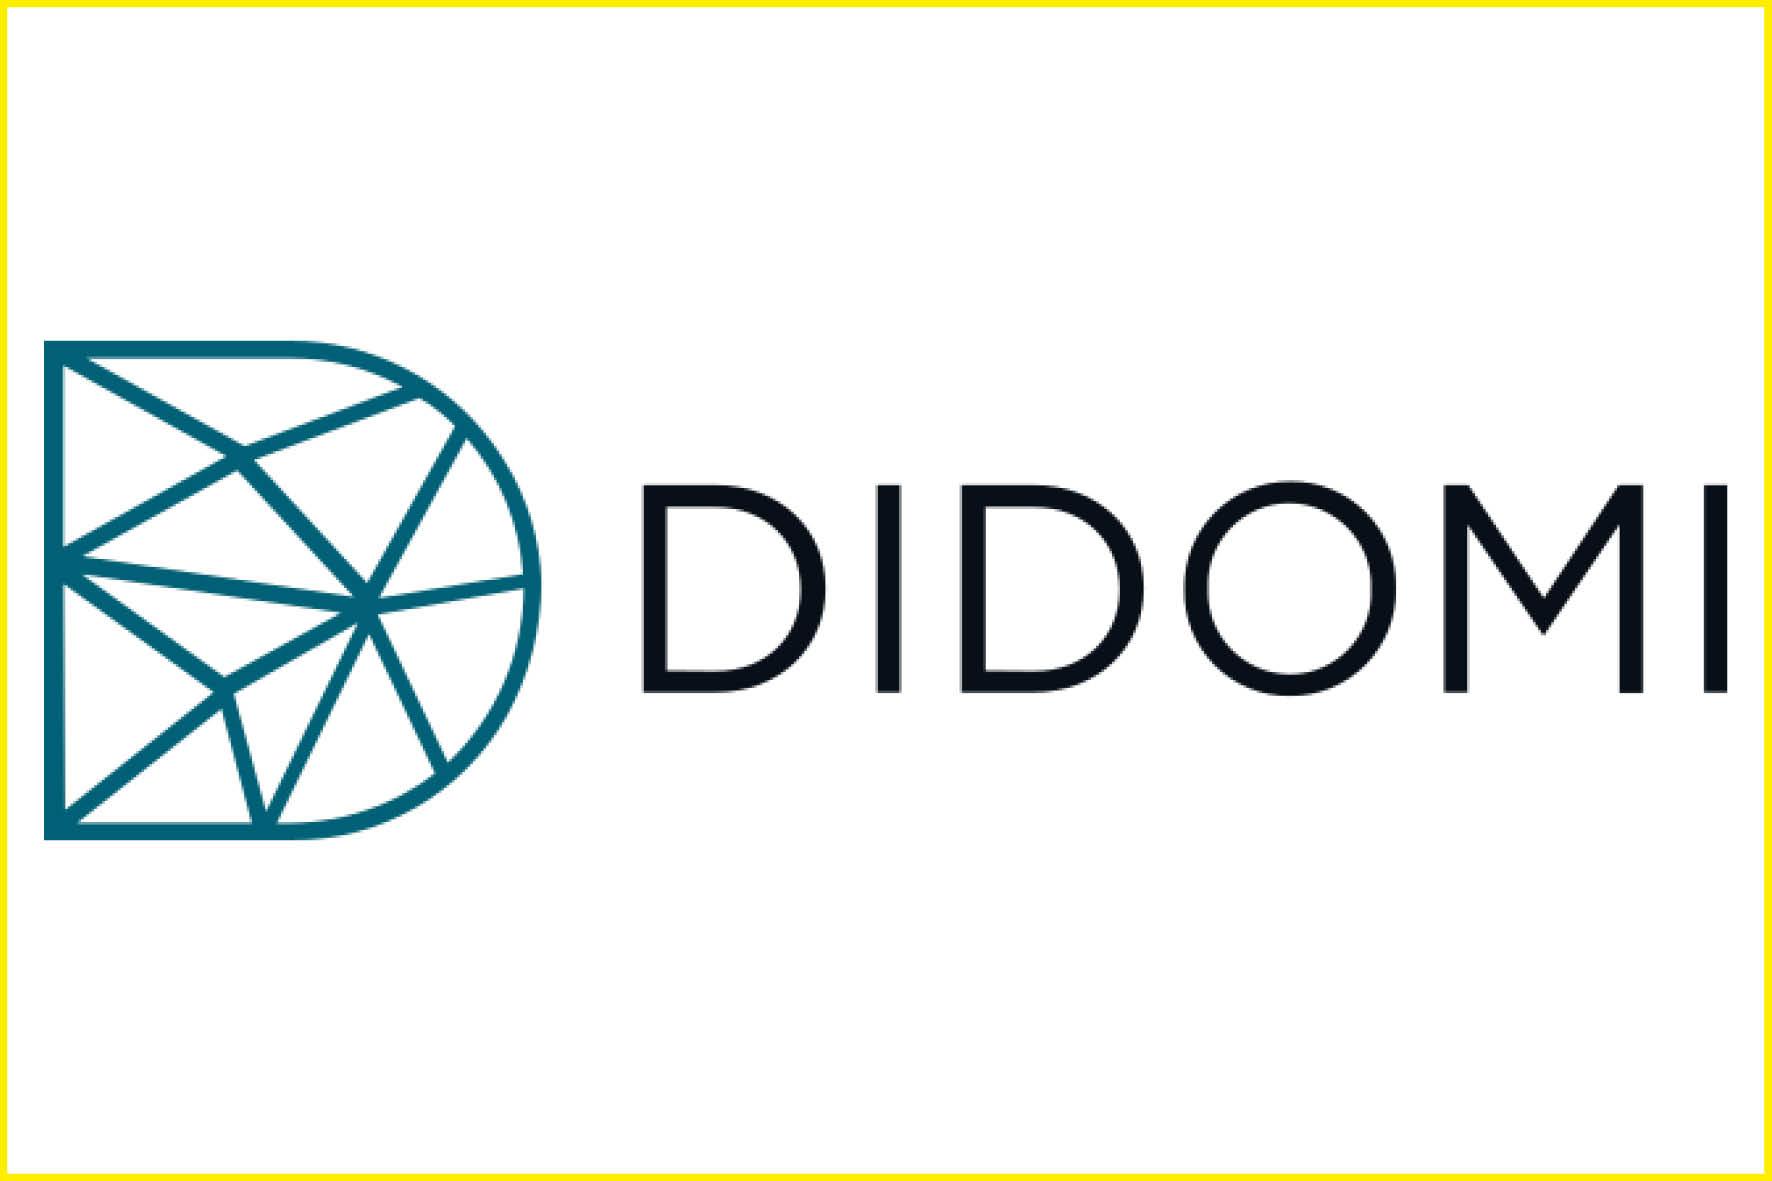 mark-com-event-didomi